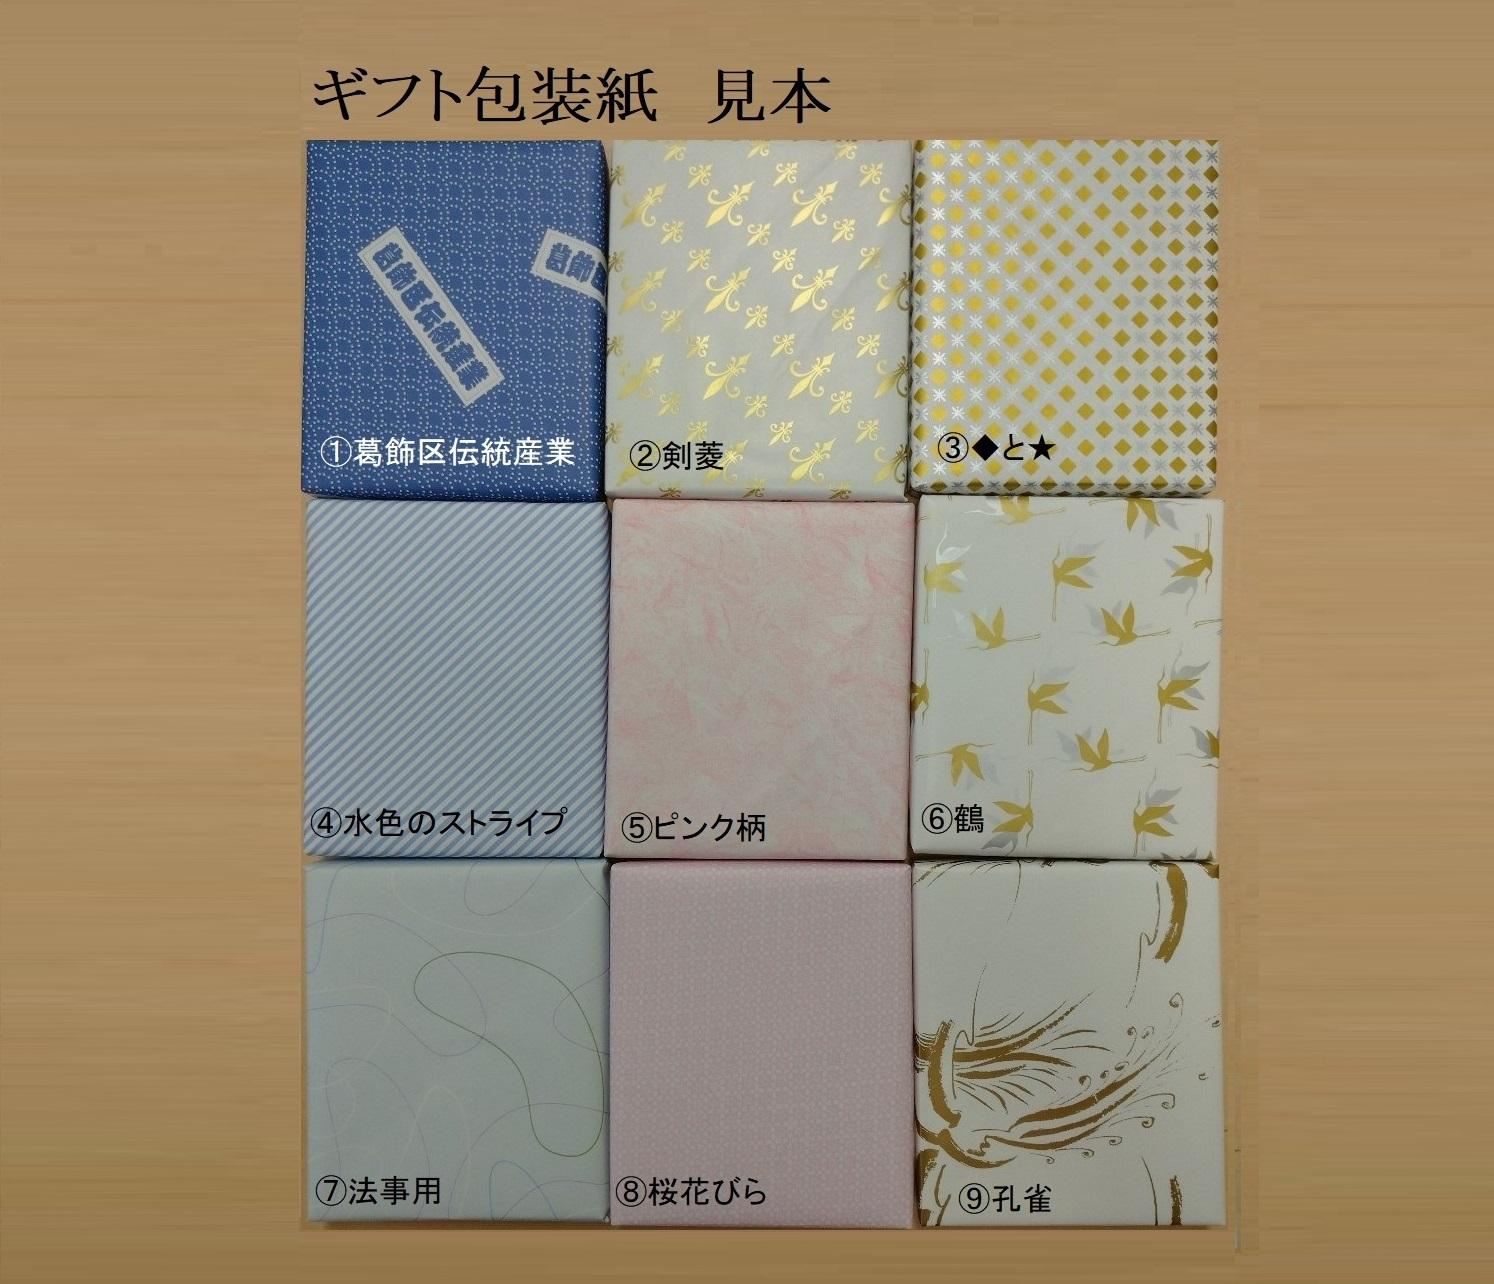 カタガミメタル宝物入れ 亀甲に桜 KA-141/KiSa